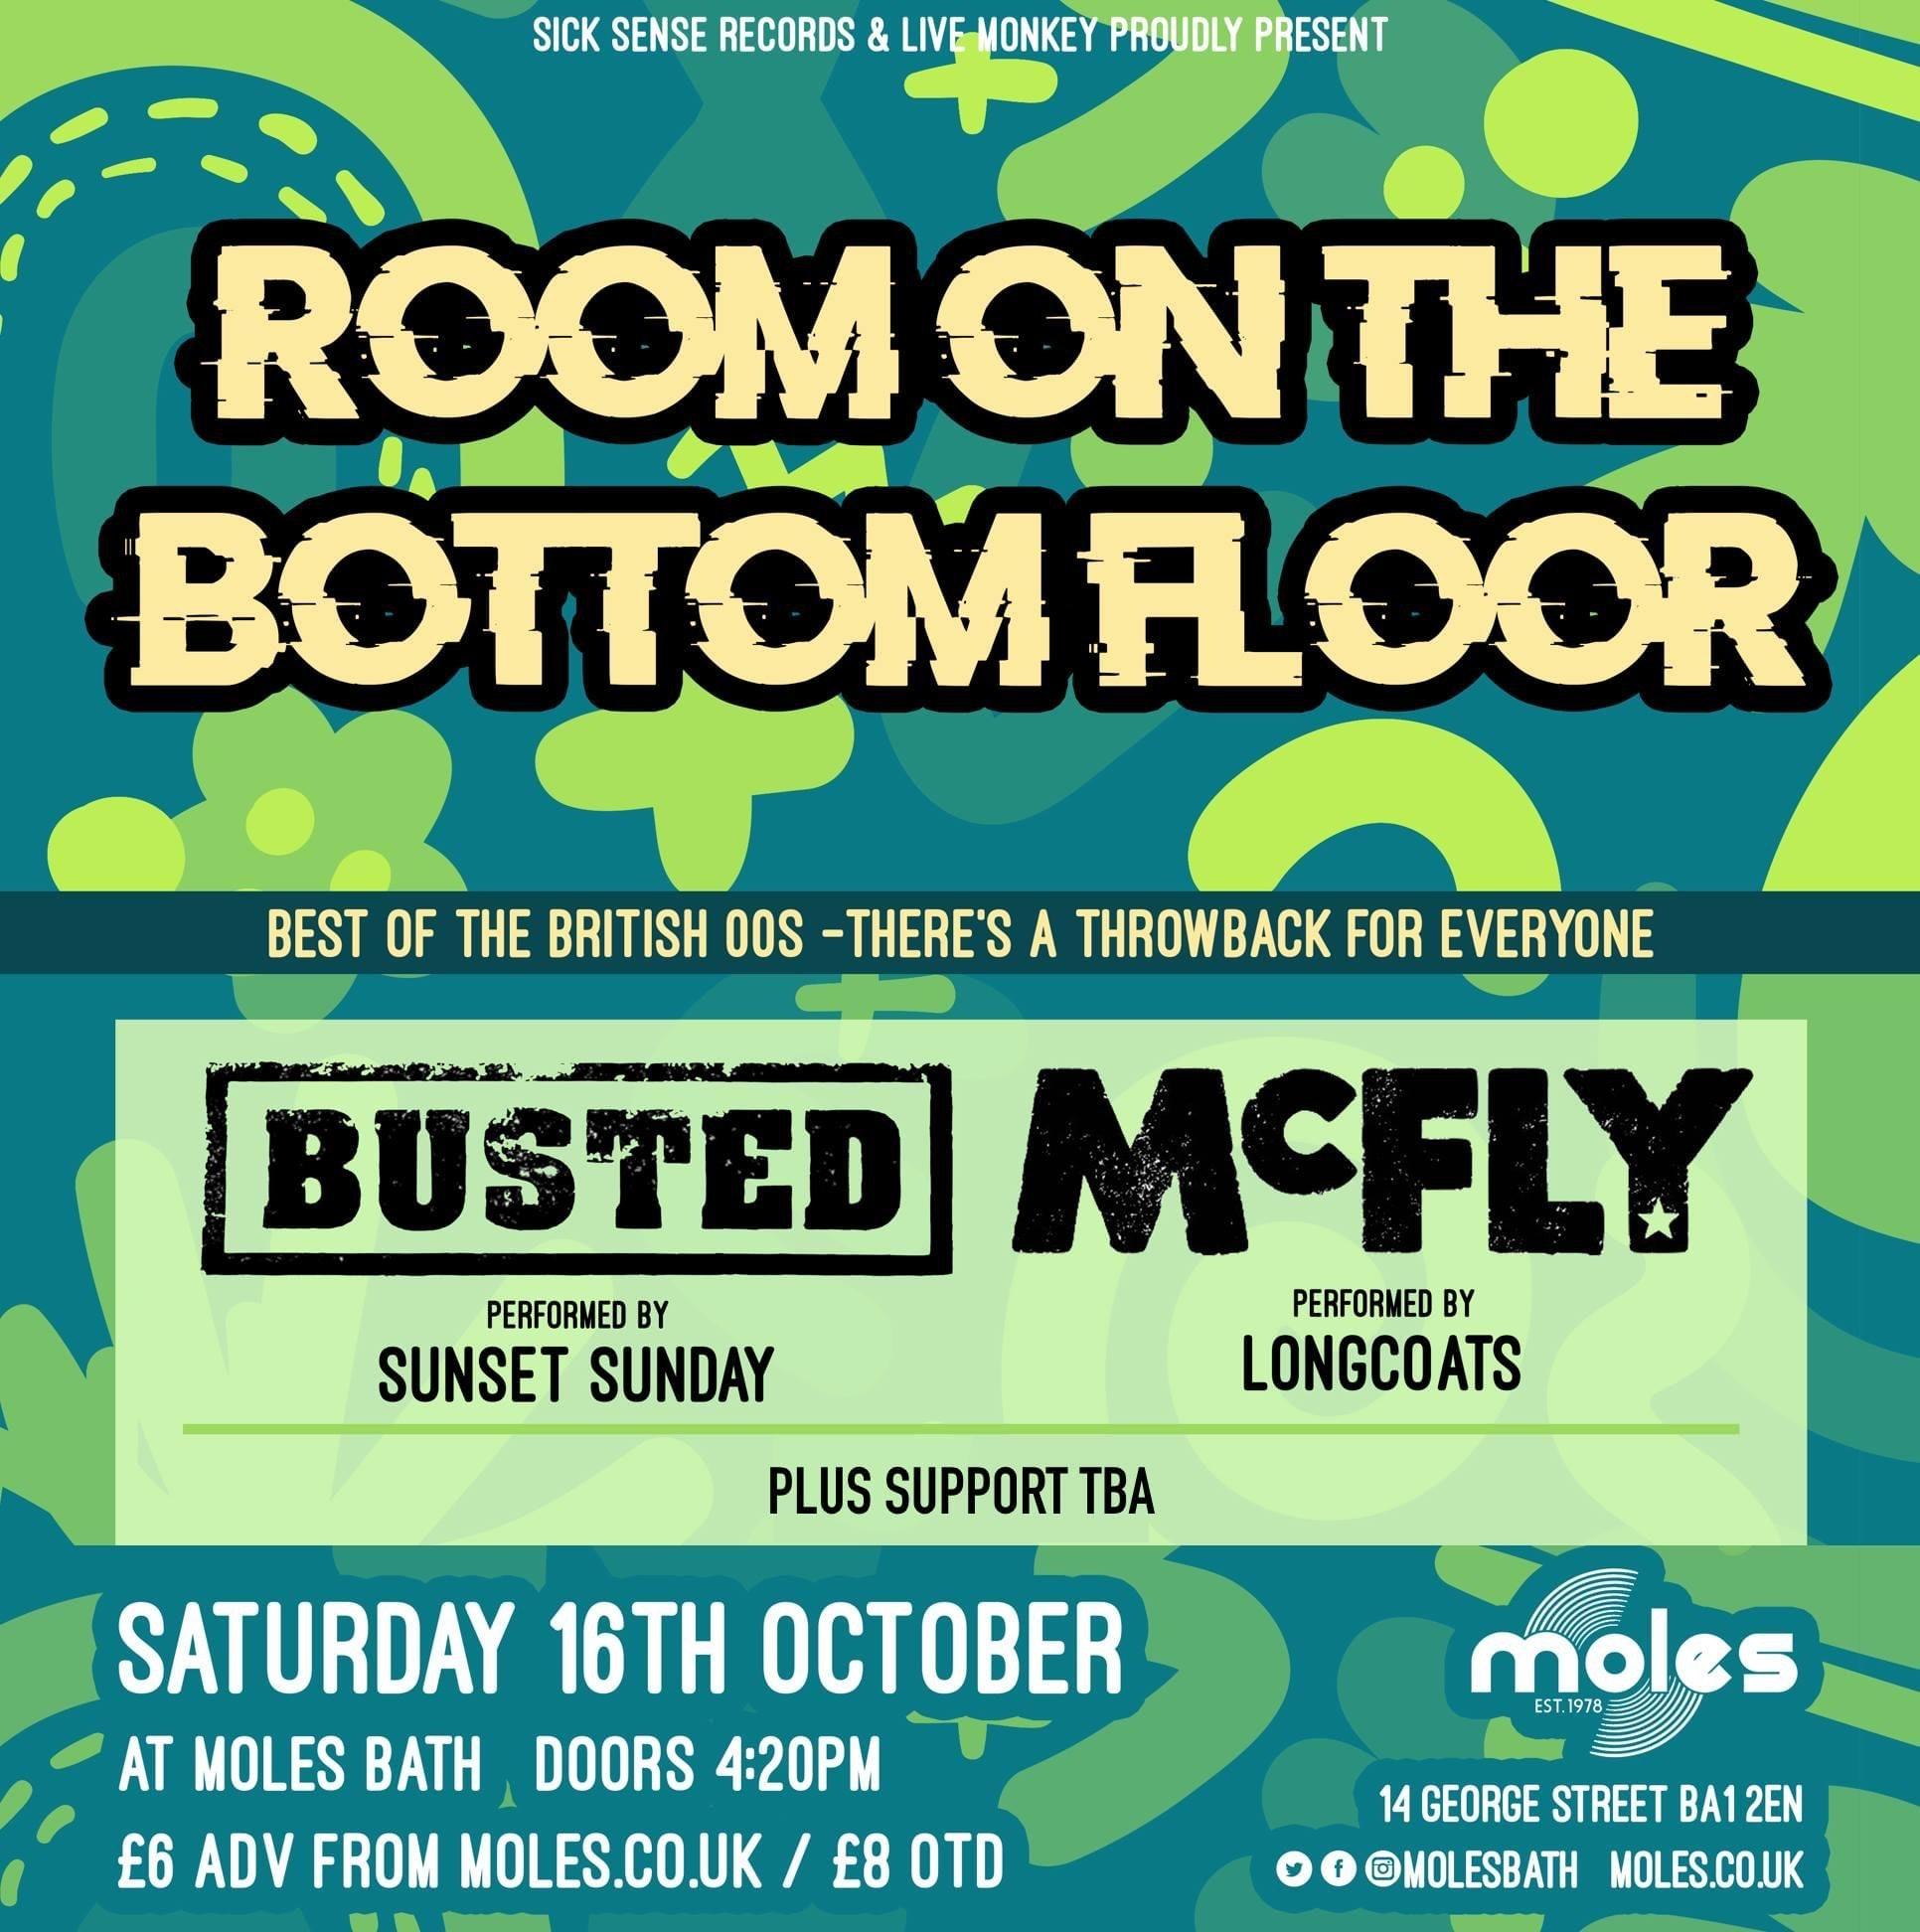 Room on the Bottom Floor Festival